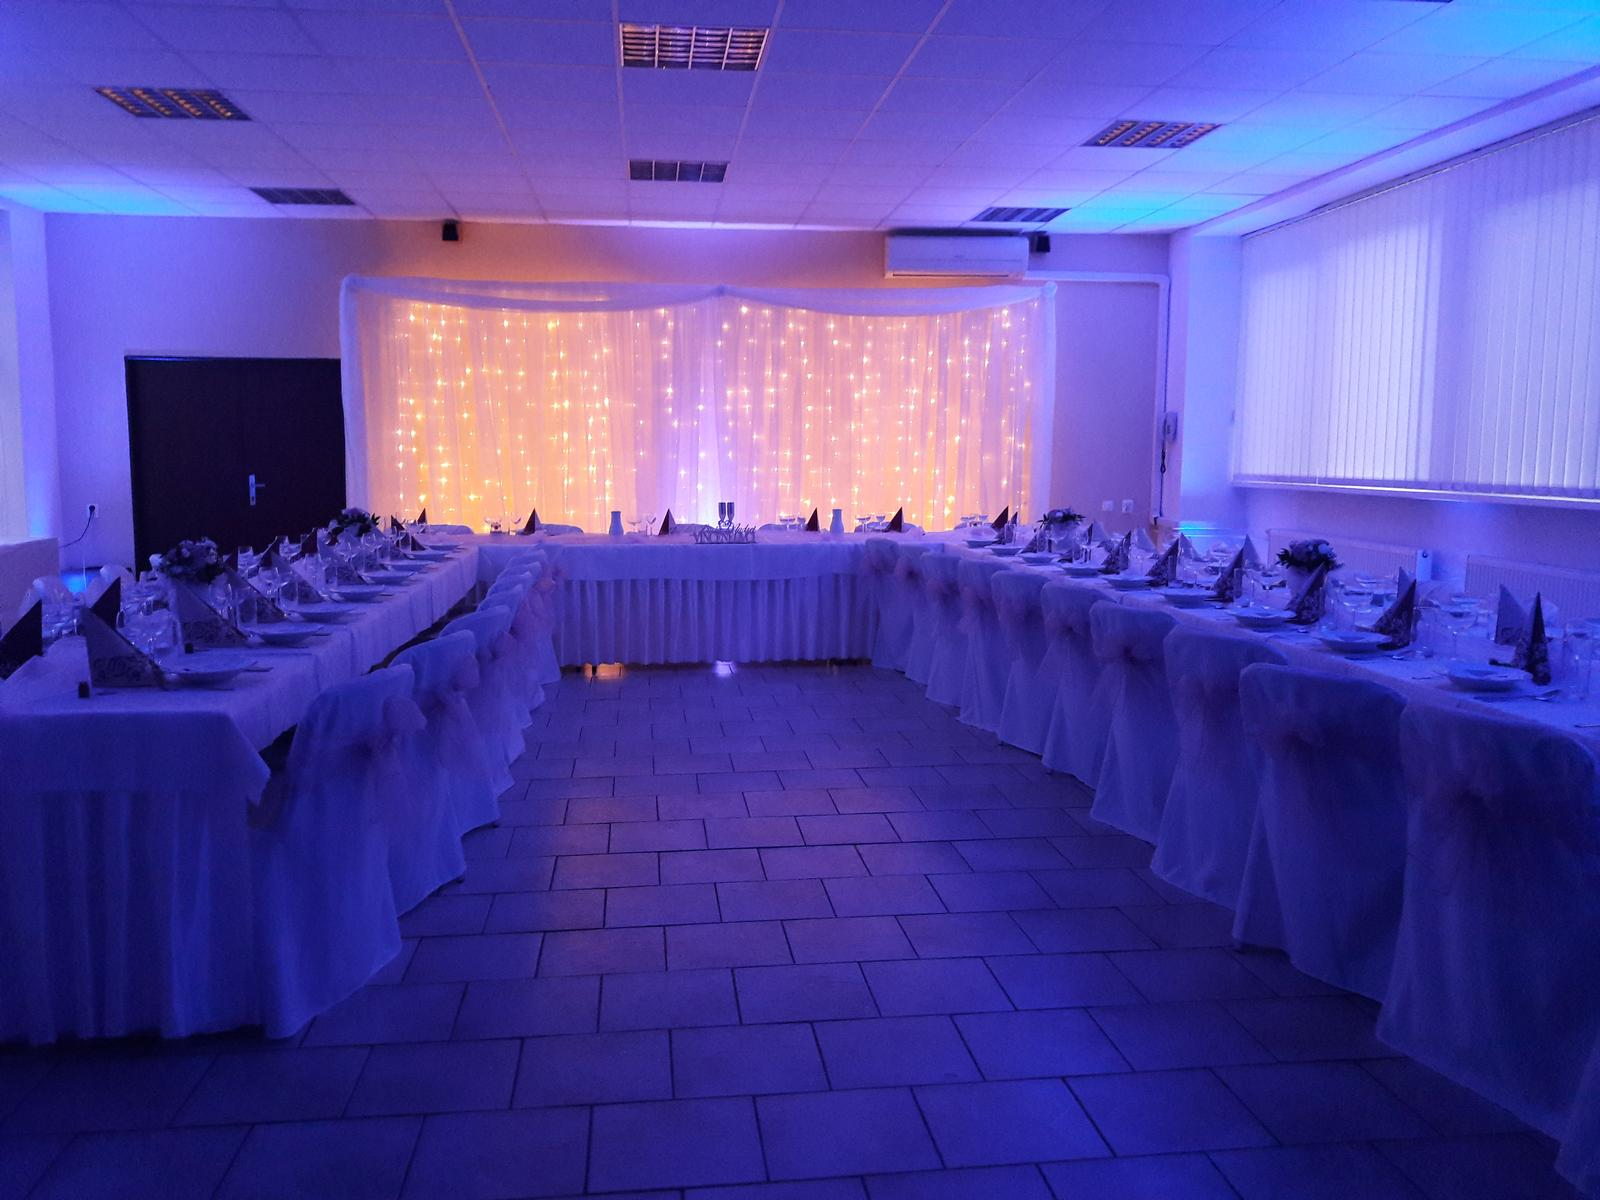 Svadba Pezinok - nasvietenie sály a svetelná stena - Svadba Pezinok - nasvietenie sály a svetelná stena